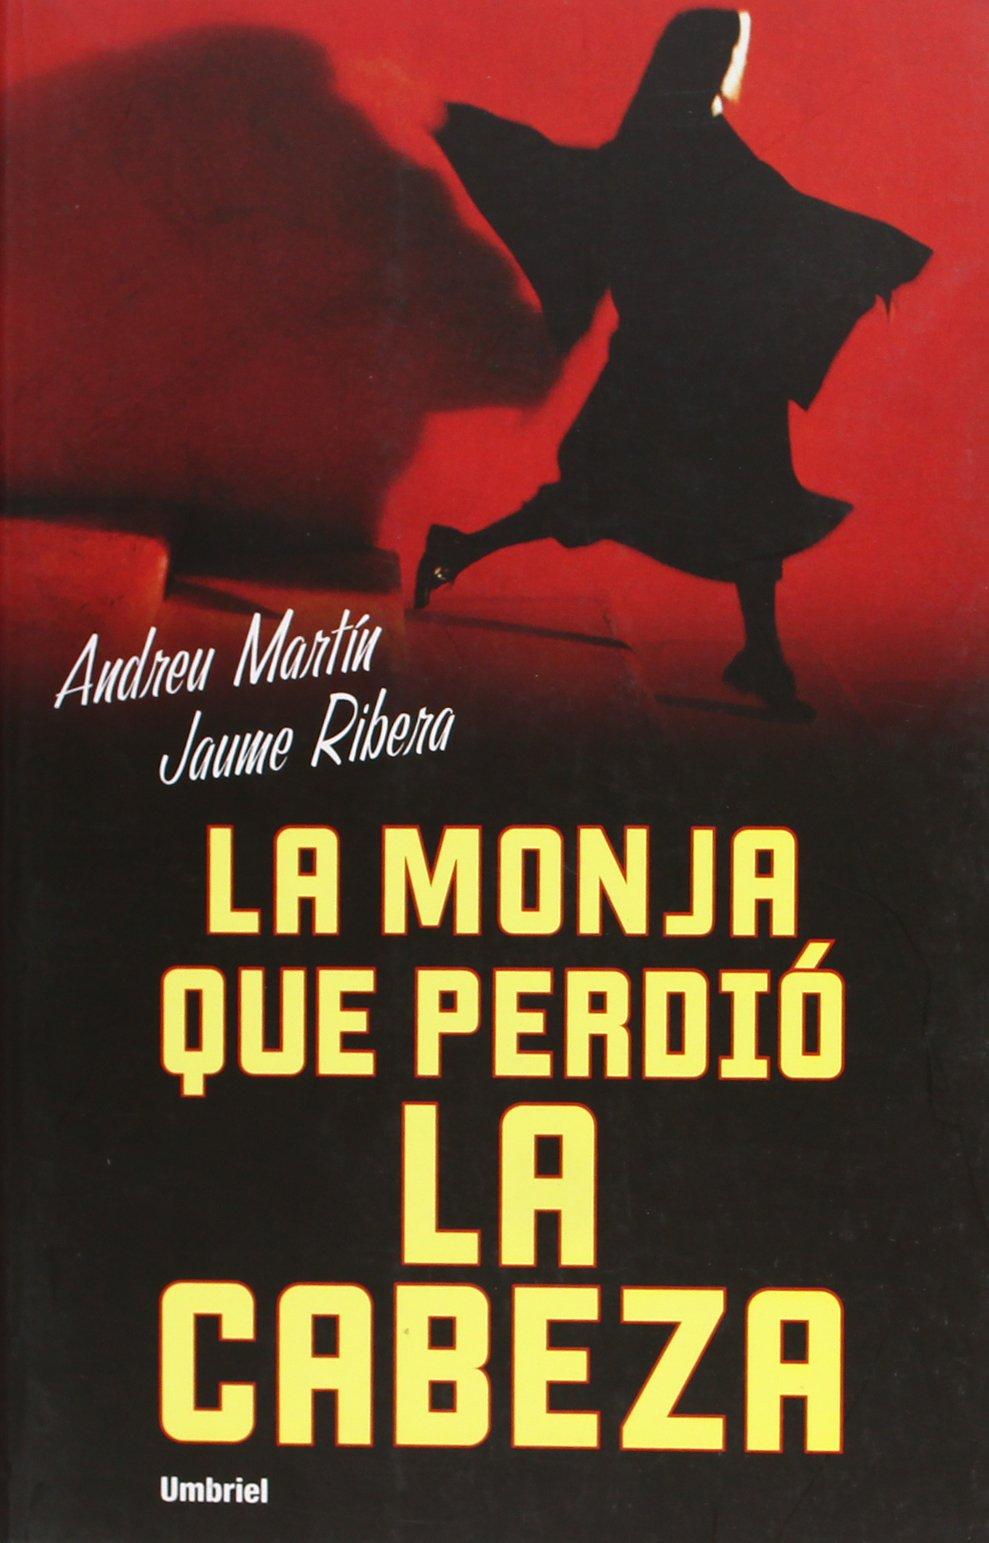 La monja que perdió la cabeza (Umbriel género negro): Amazon.es: Martín, Andreu, Ribera Montaña, Jaume: Libros